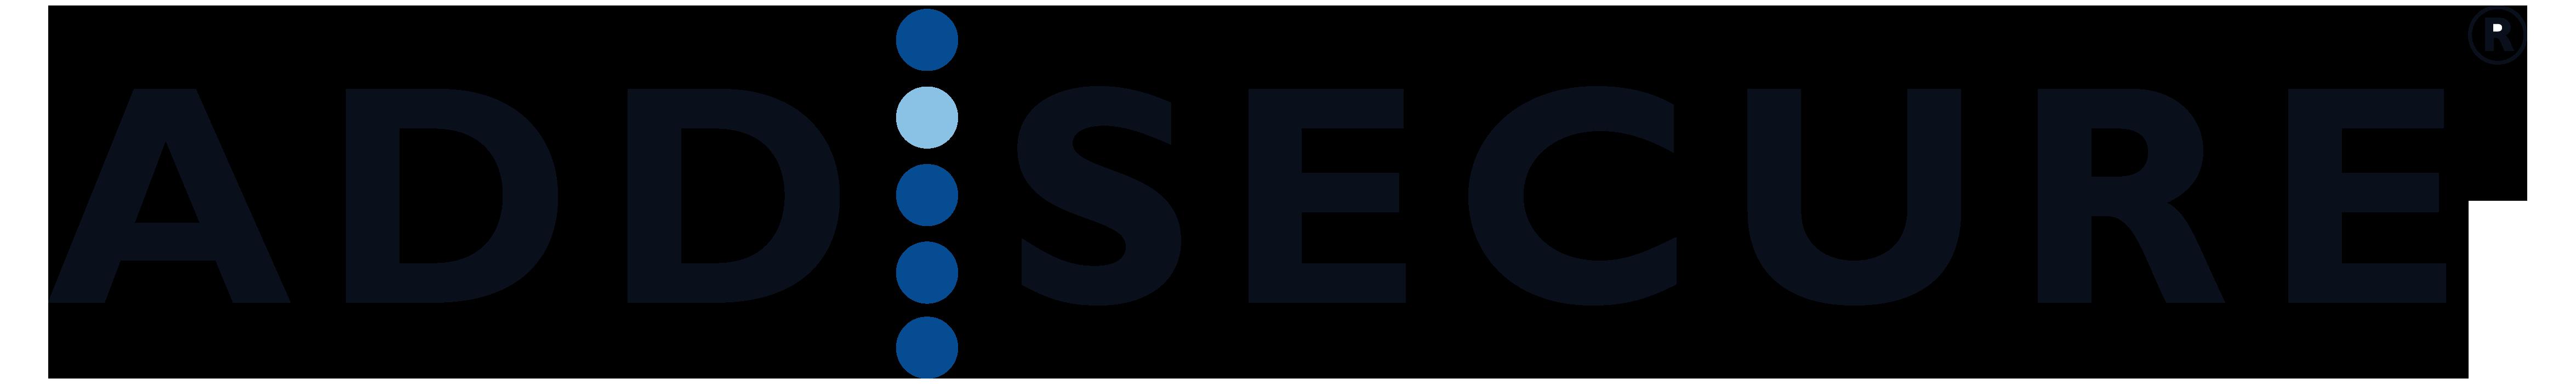 AddSecure SE